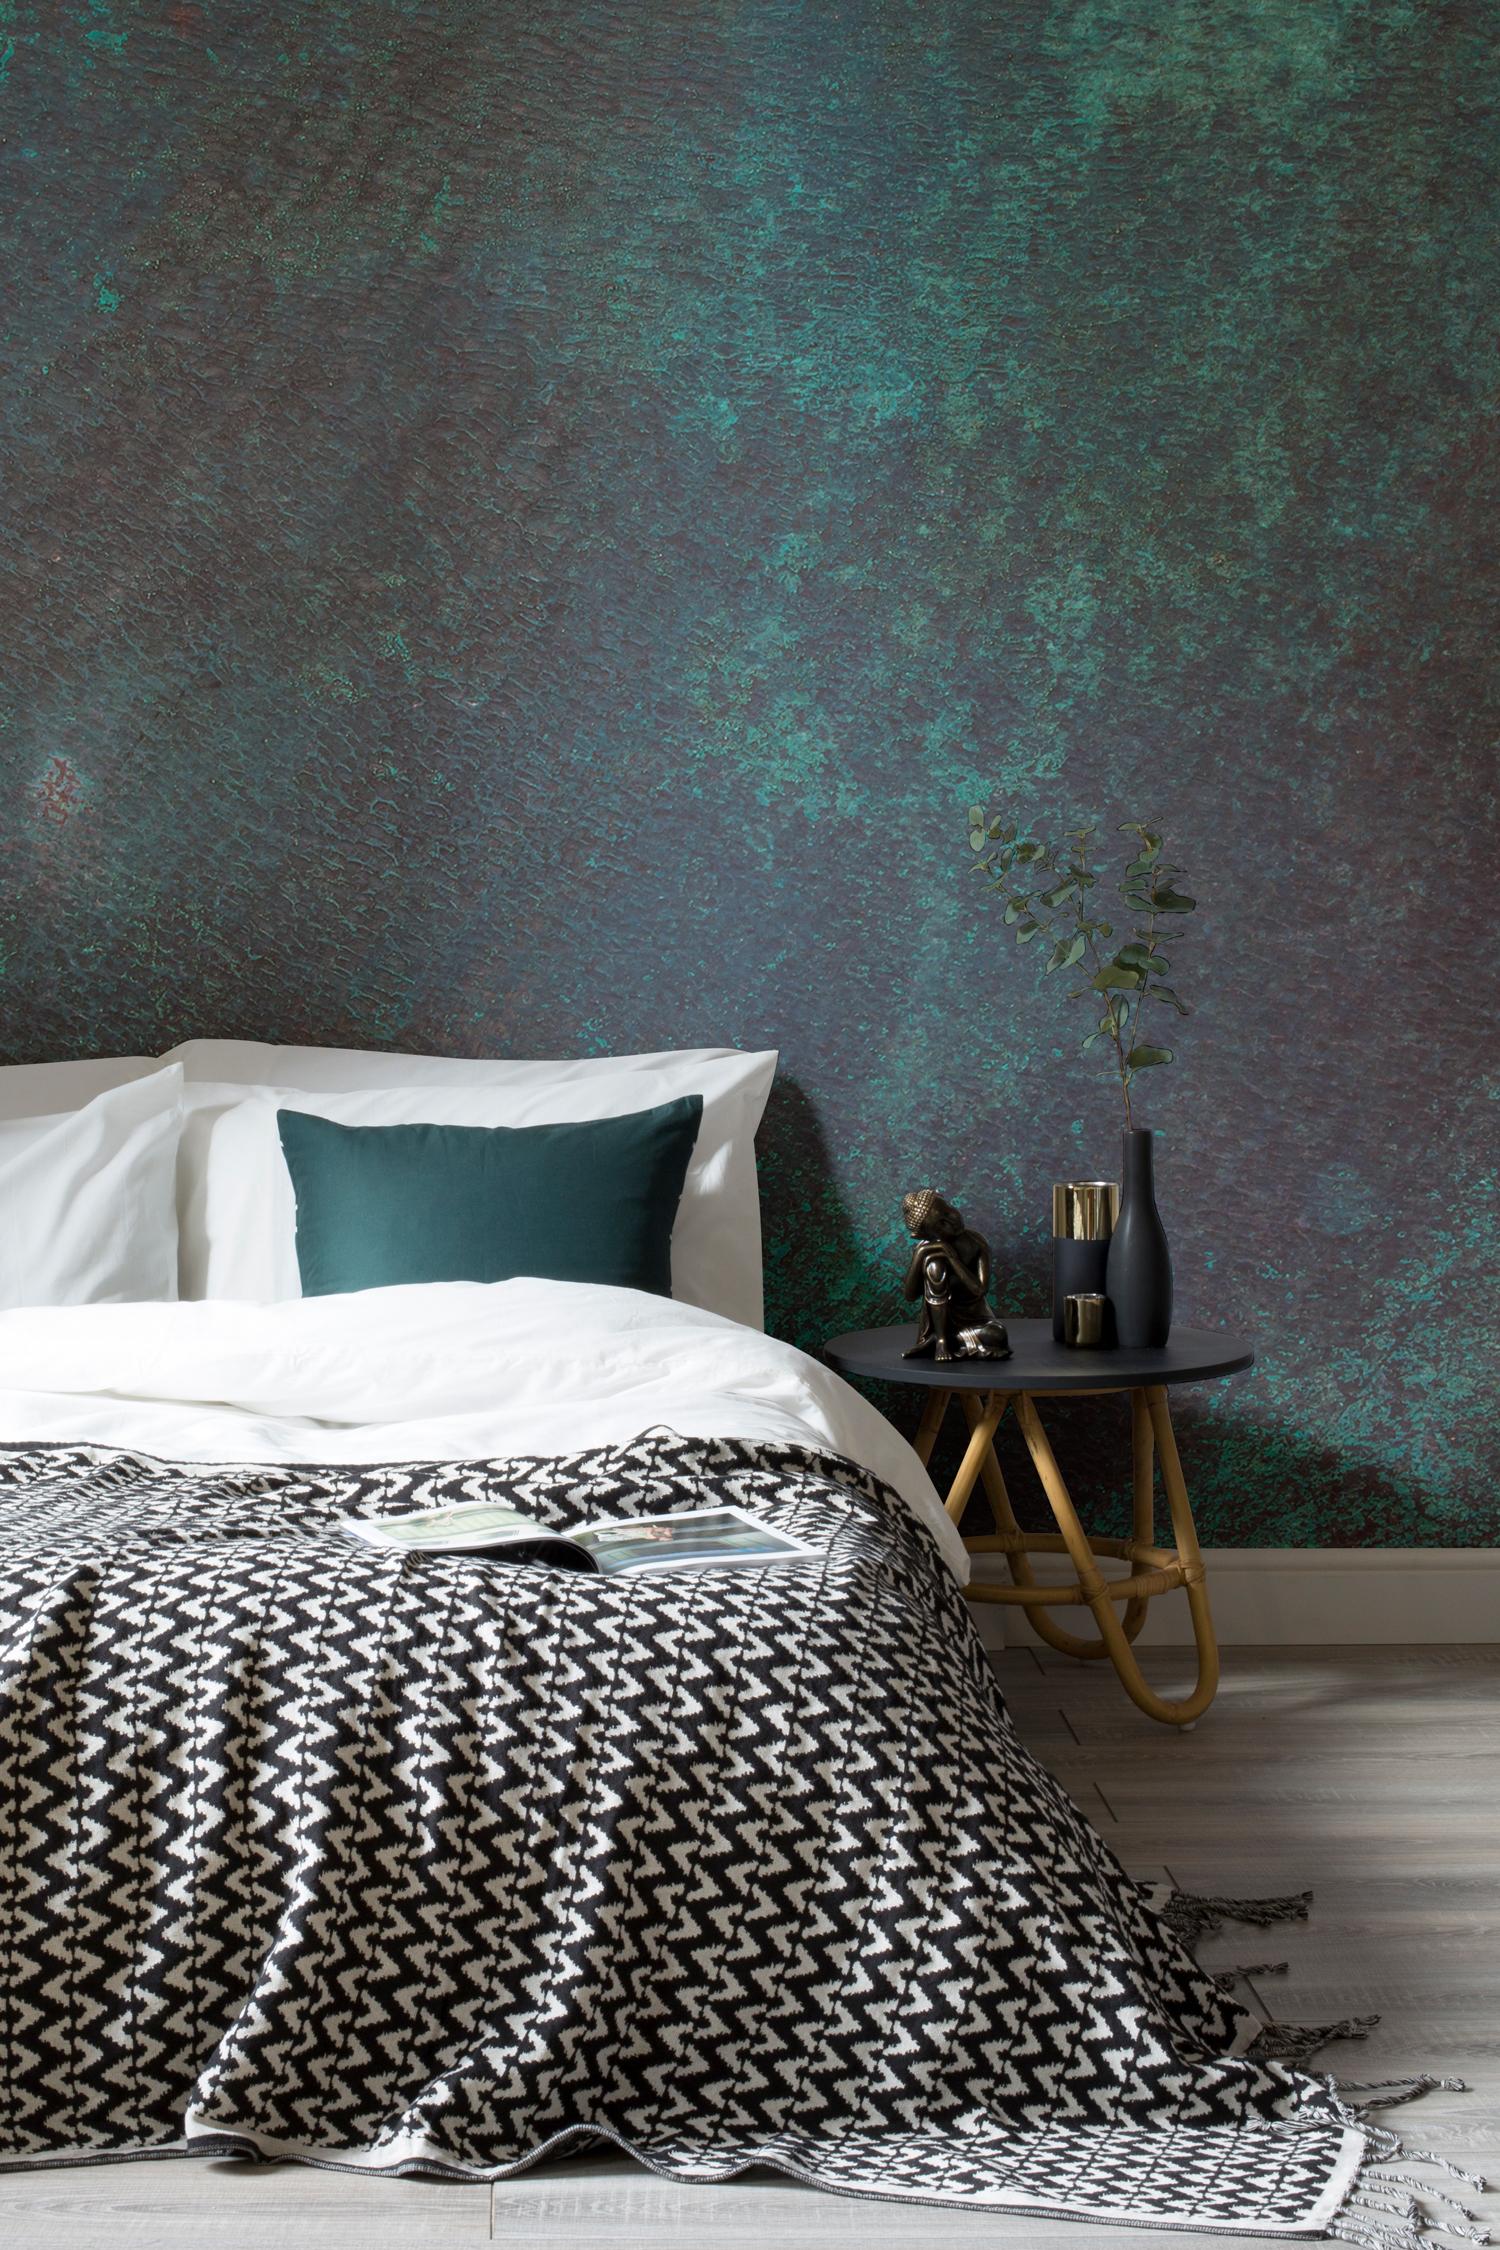 design update runter mit der alten tapete lebe berlin. Black Bedroom Furniture Sets. Home Design Ideas